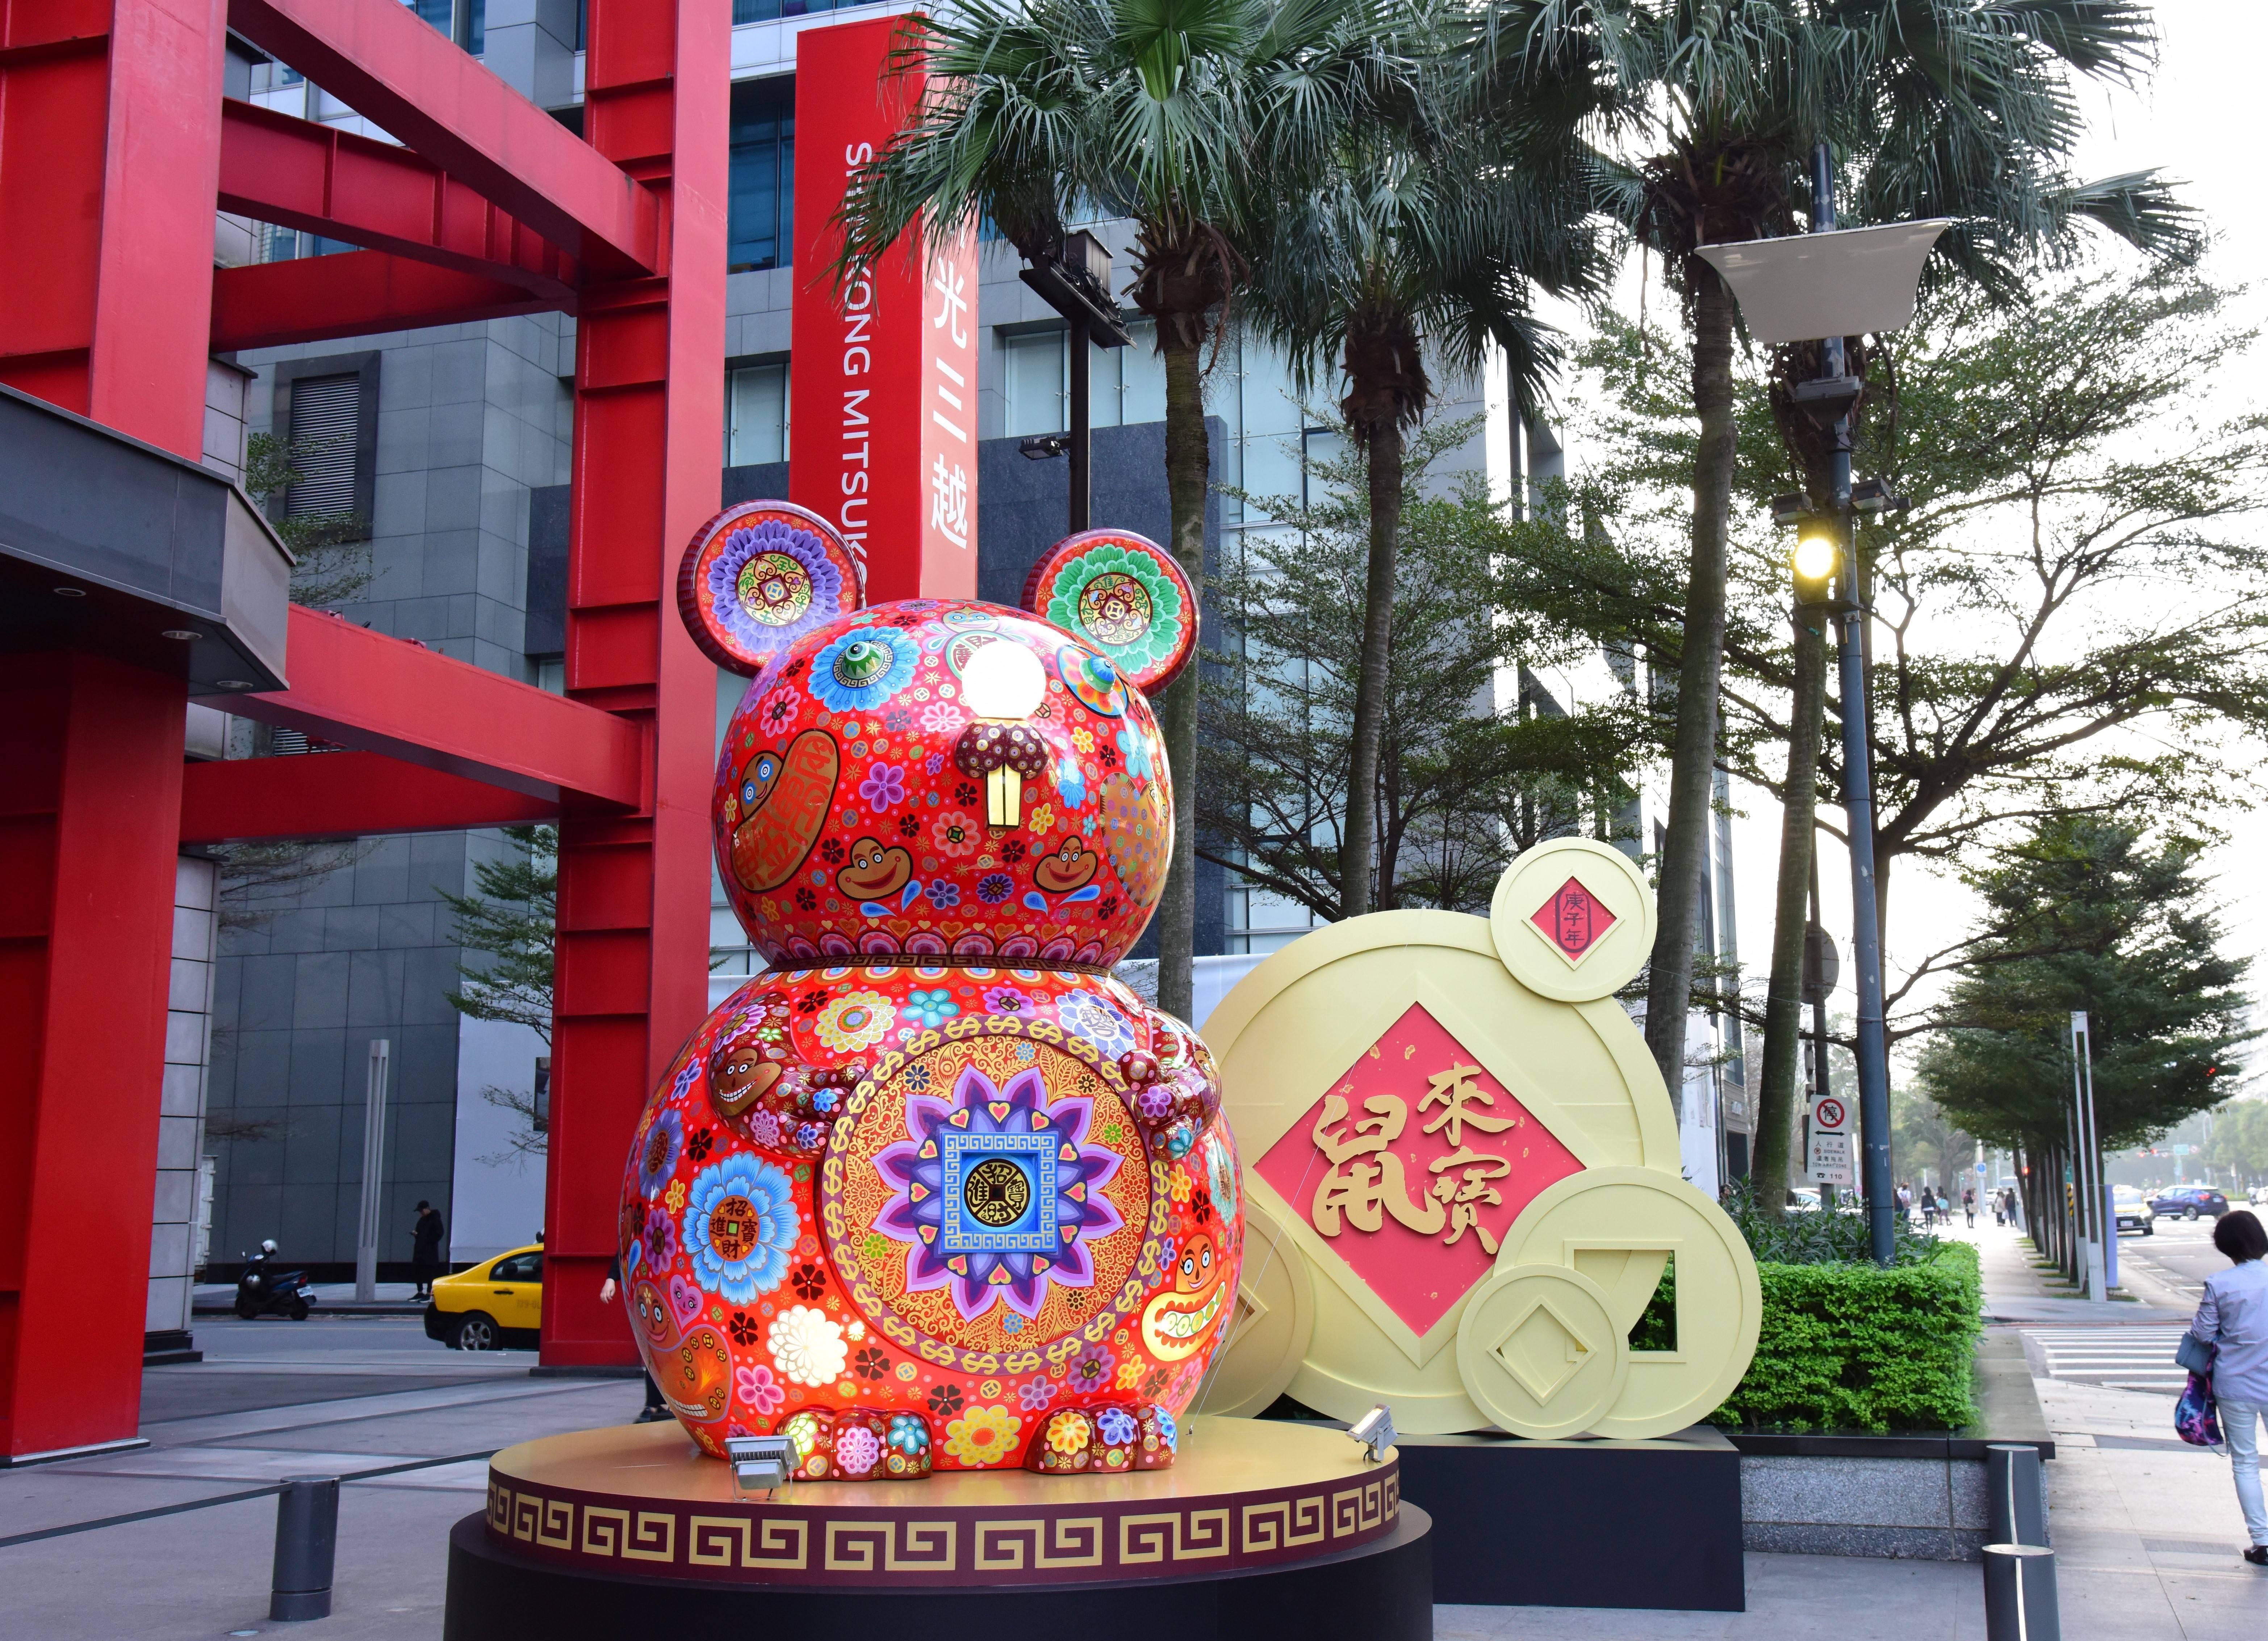 位於新光三越台北信義新天地A8大門口充滿濃濃年味的巨型鼠雕塑「鼠來寶」